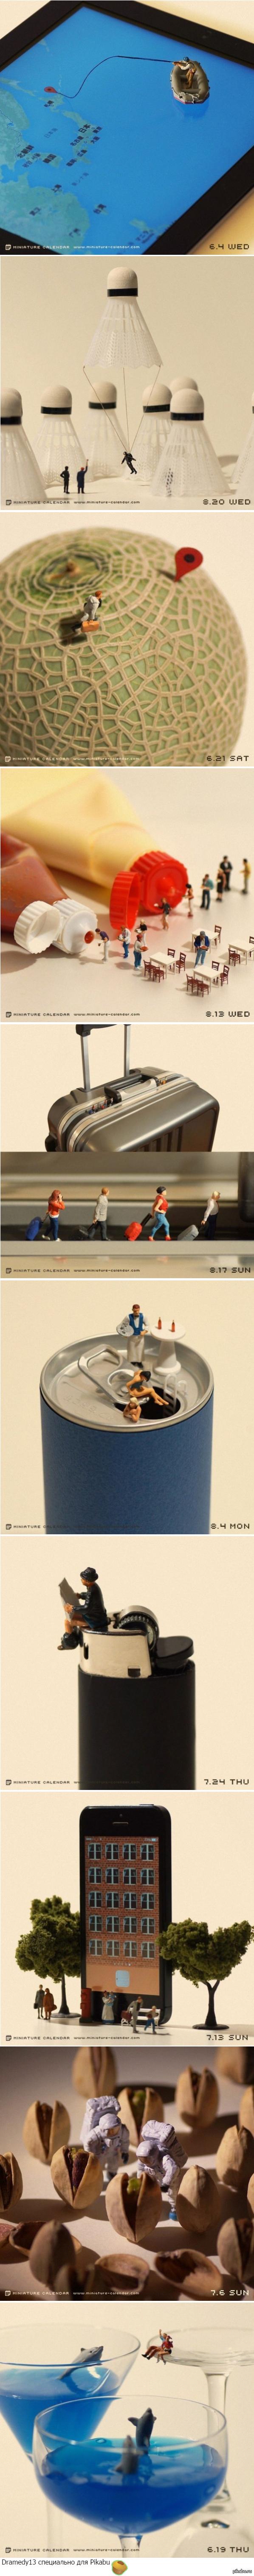 Интересное Метафоричные миниатюрные сцены о современной жизни от японского фотографа Танака Тацуя.